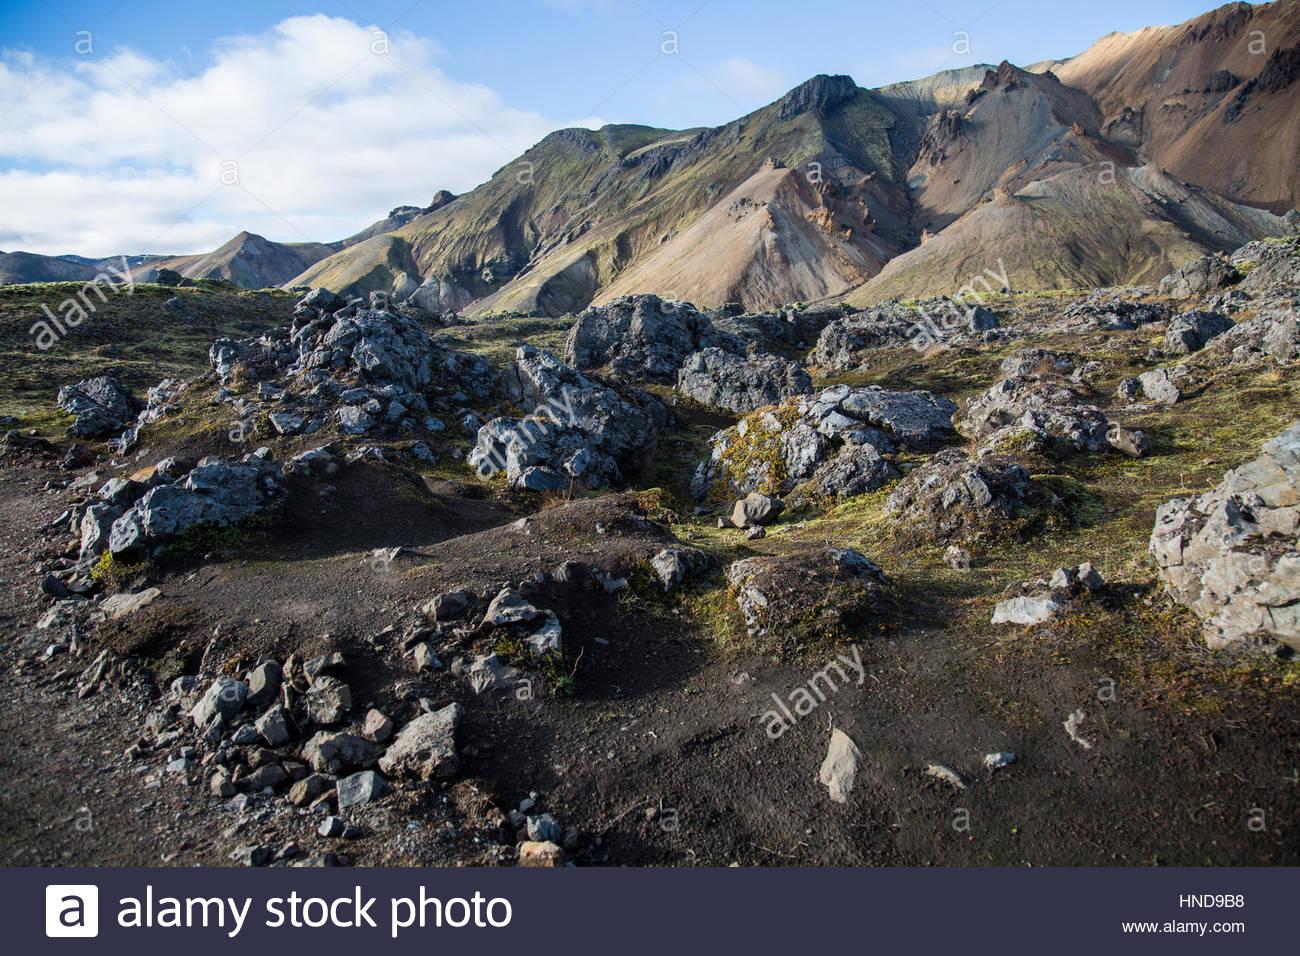 Volcanic Landscape Blue Sky Stock Photo